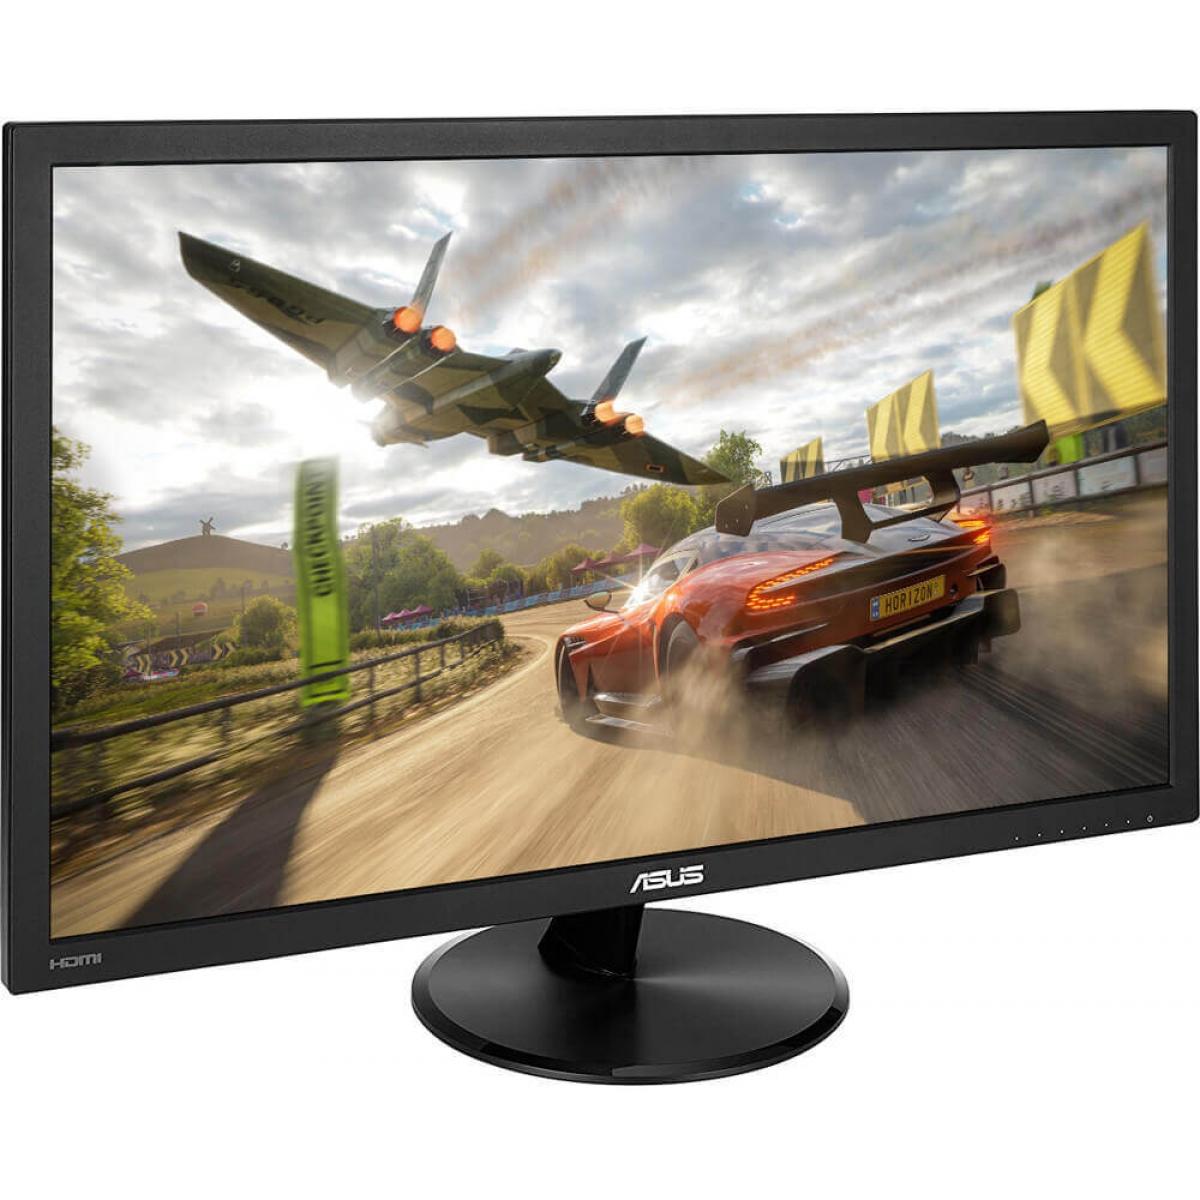 Monitor Gamer Asus 24 Pol, Full HD, VP247HA